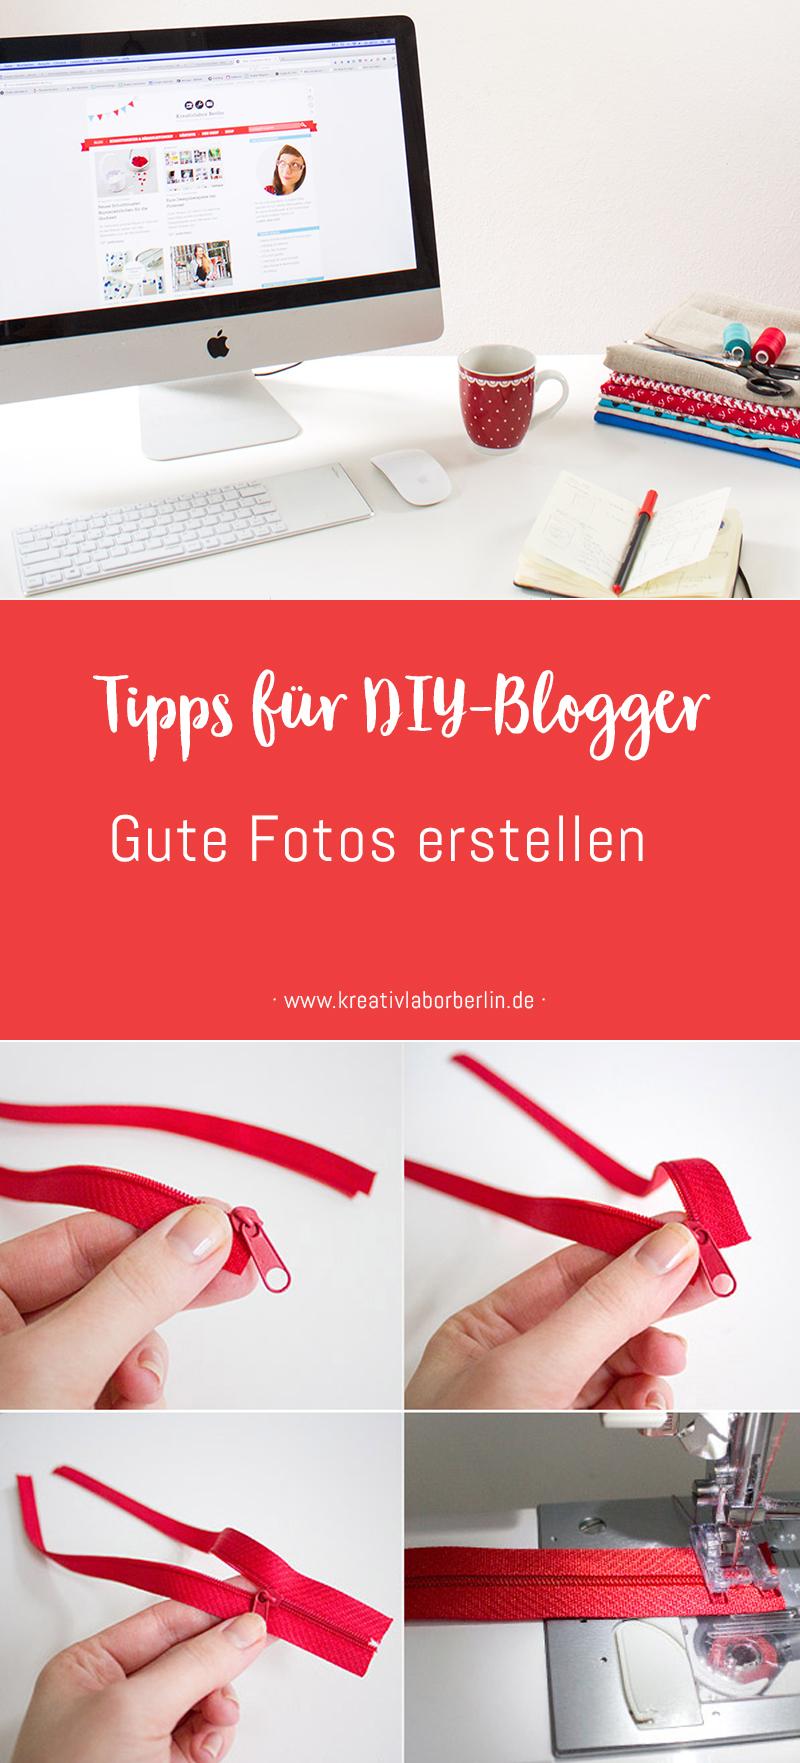 Tipps für DIY-Blogger: Gute Fotos erstellen